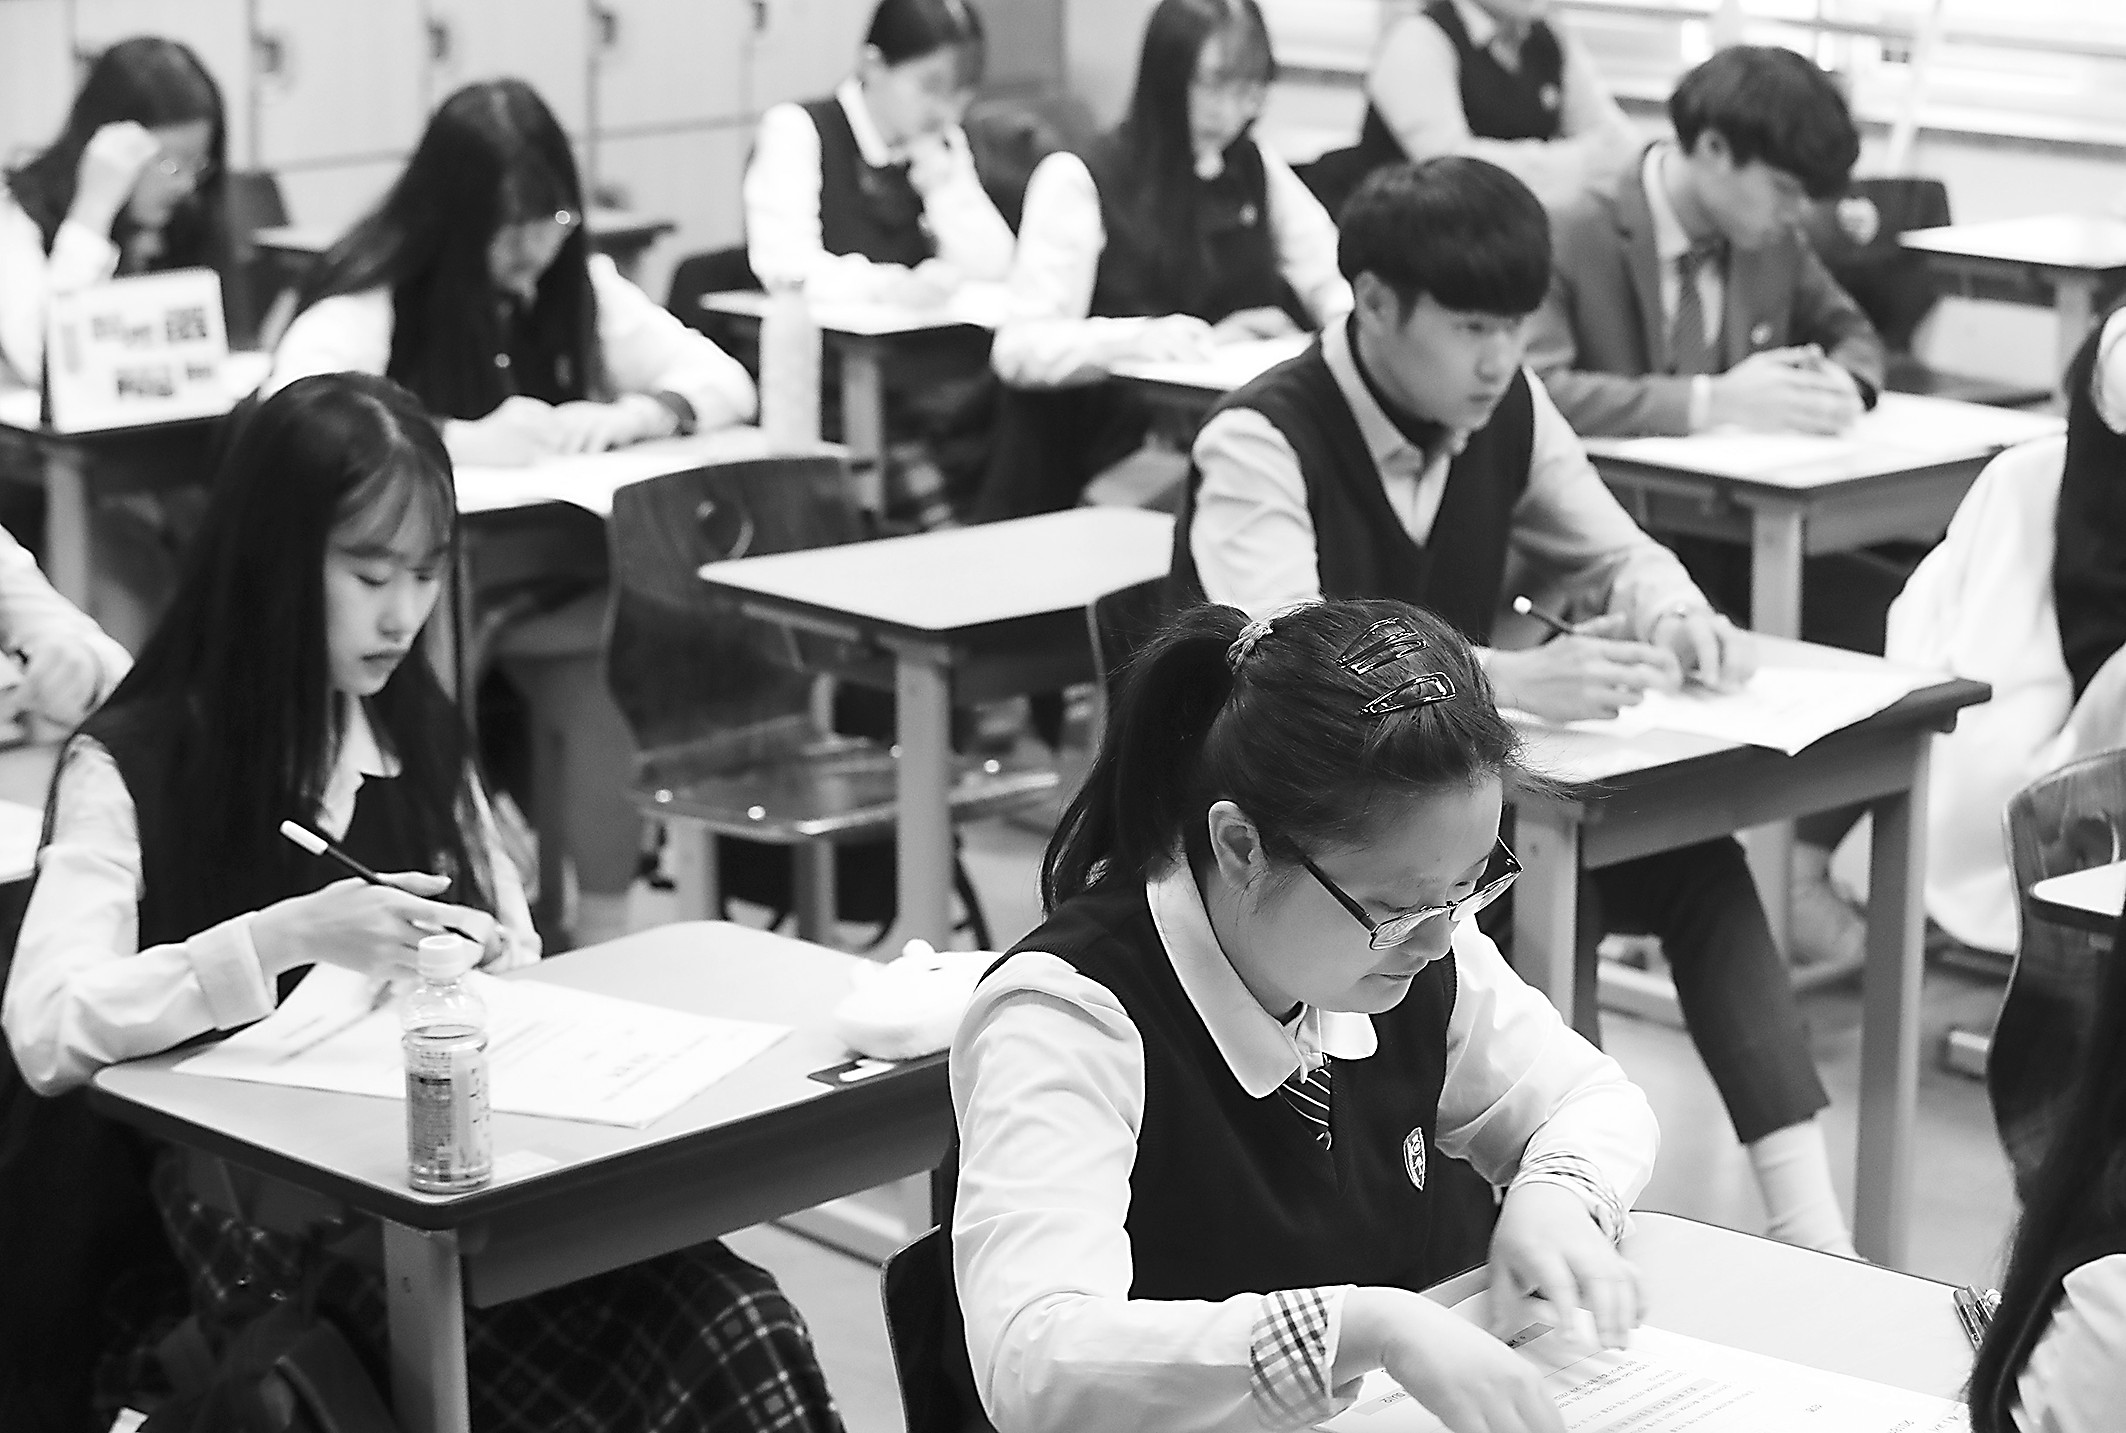 中国学生?#30142;?#20110;补习班 日韩学生暑假一样不轻松